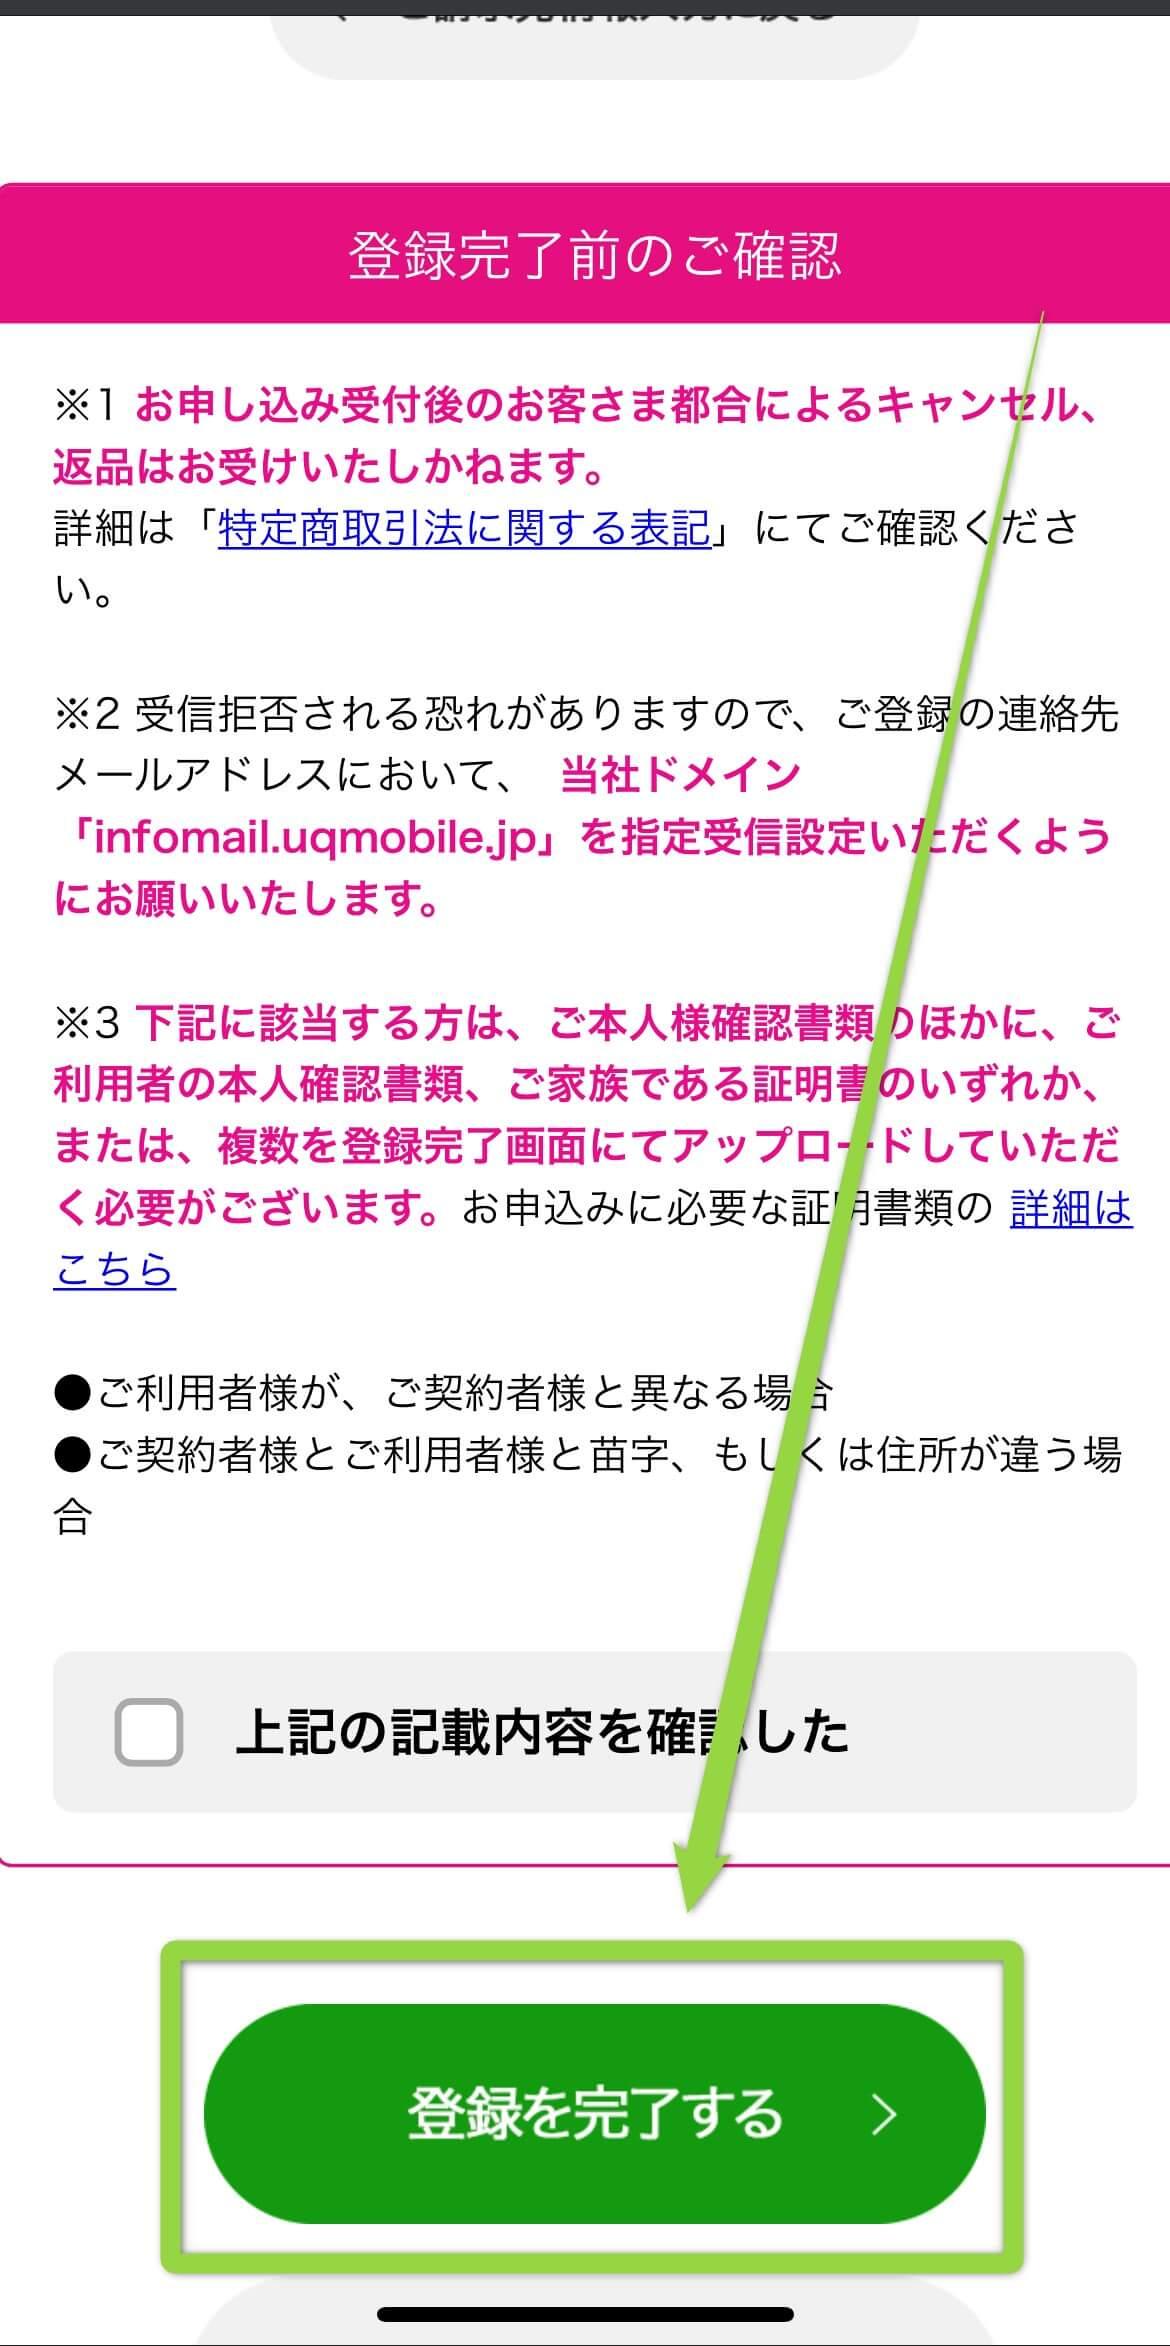 UQモバイルオンラインショップ